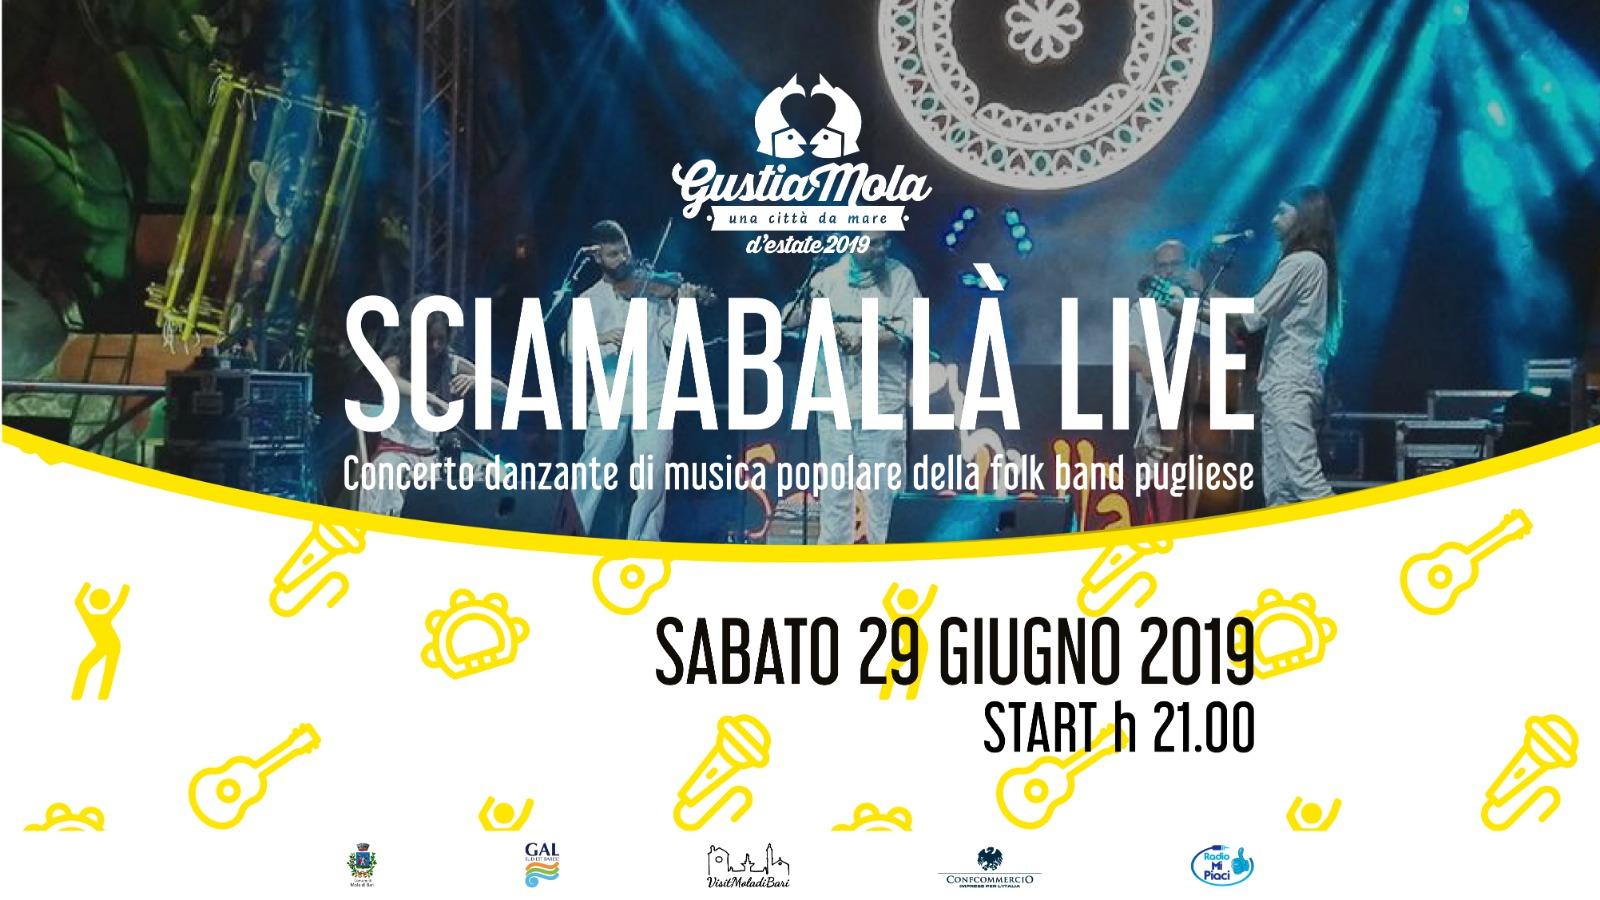 Sciamaballà Gustiamola 2019 Visit Mola di Bari Puglia